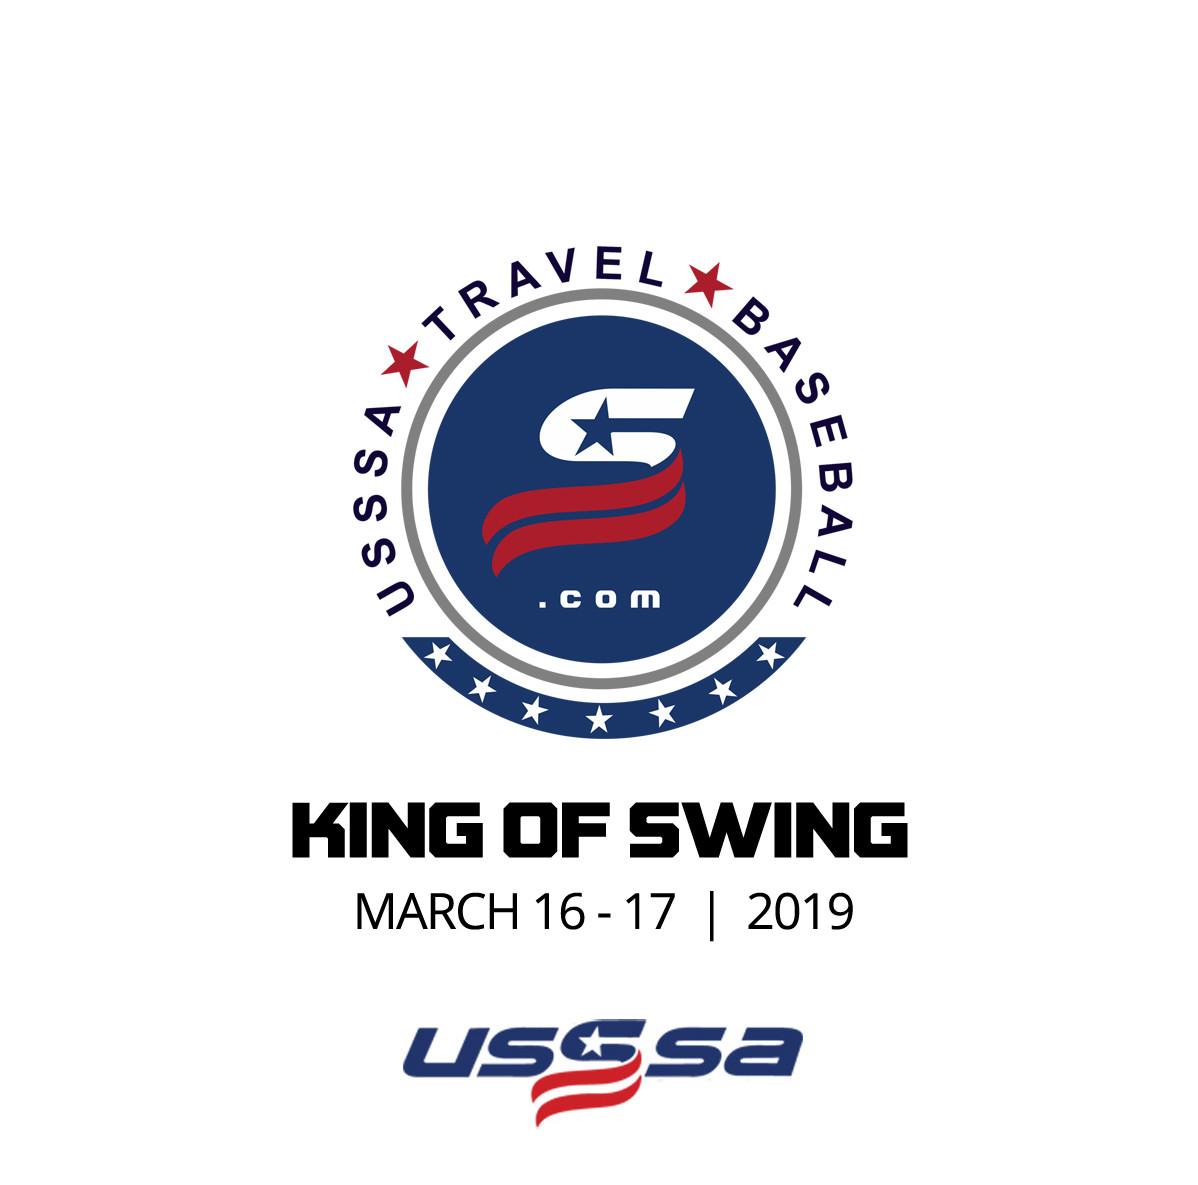 Upstate - King of Swing